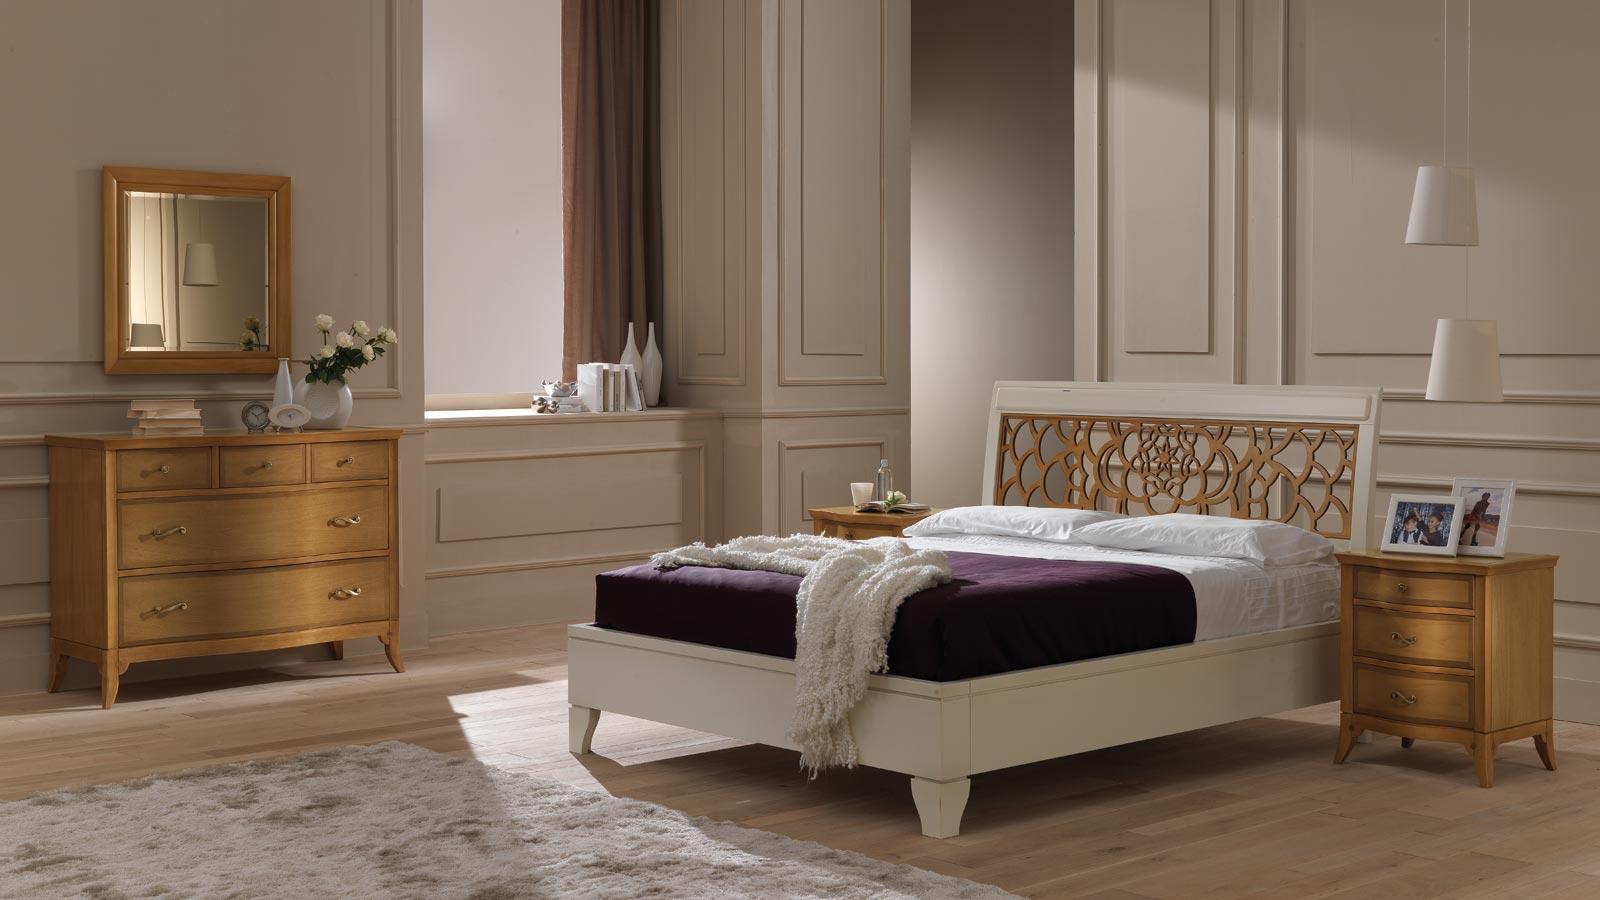 Arredamento zona notte a napoli tolomello interior design for Zona notte arredamento